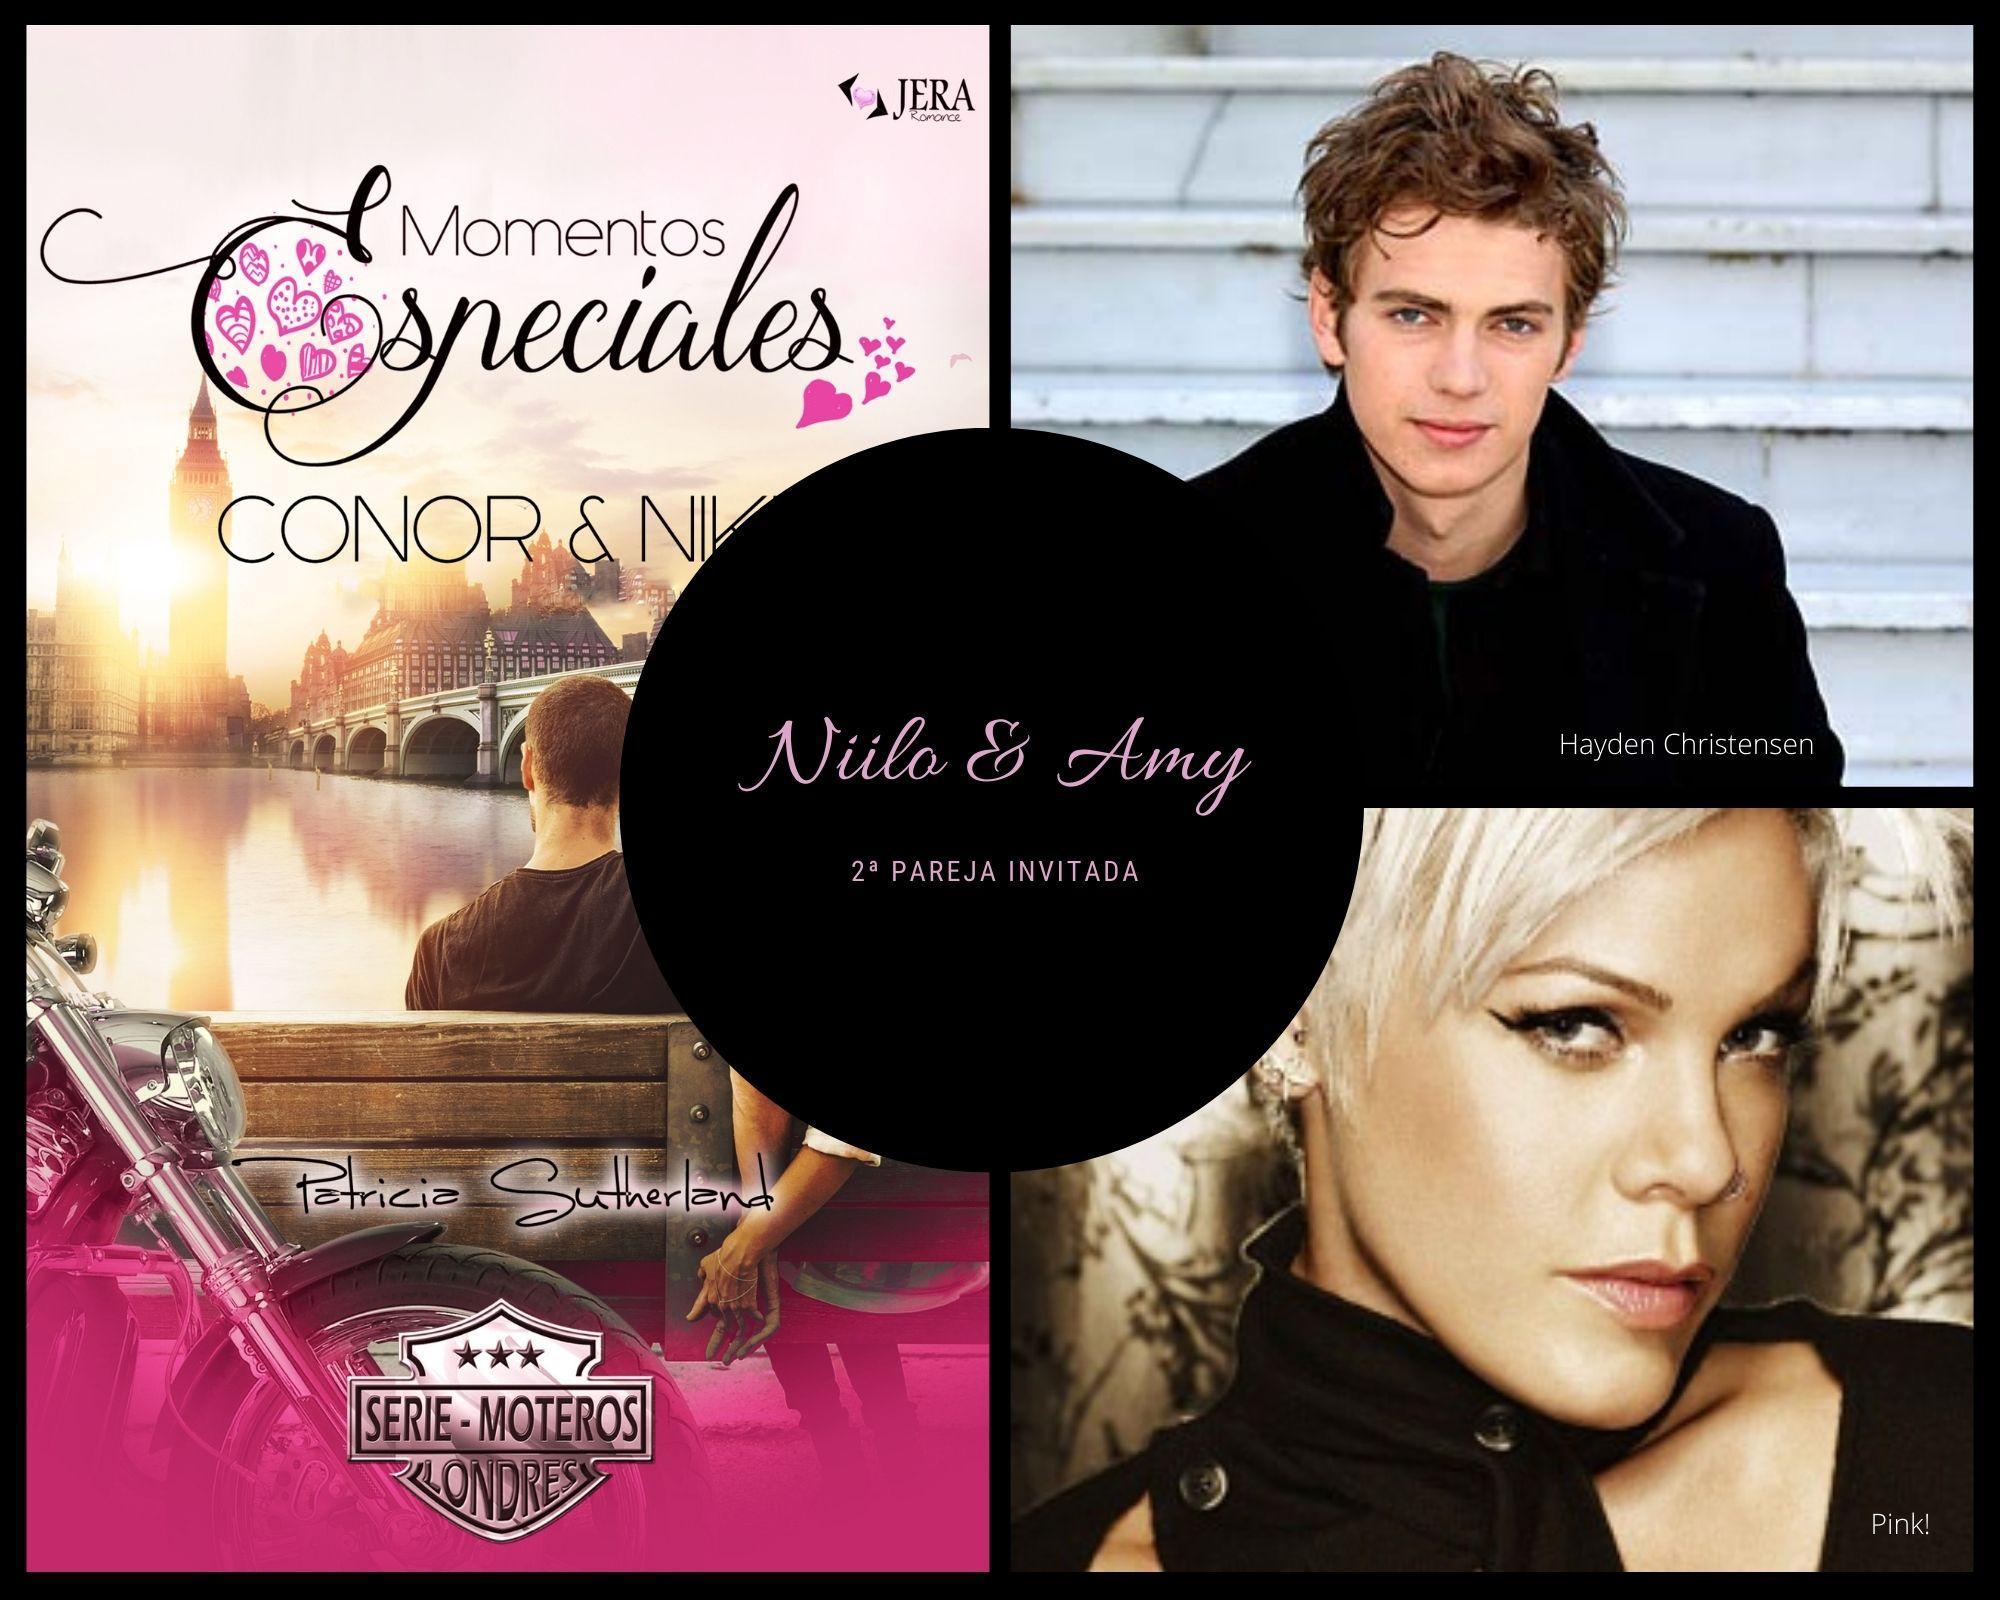 Momentos Especiales - Conor & Nikki. 2ª Pareja invitada: Niilo y Amy.